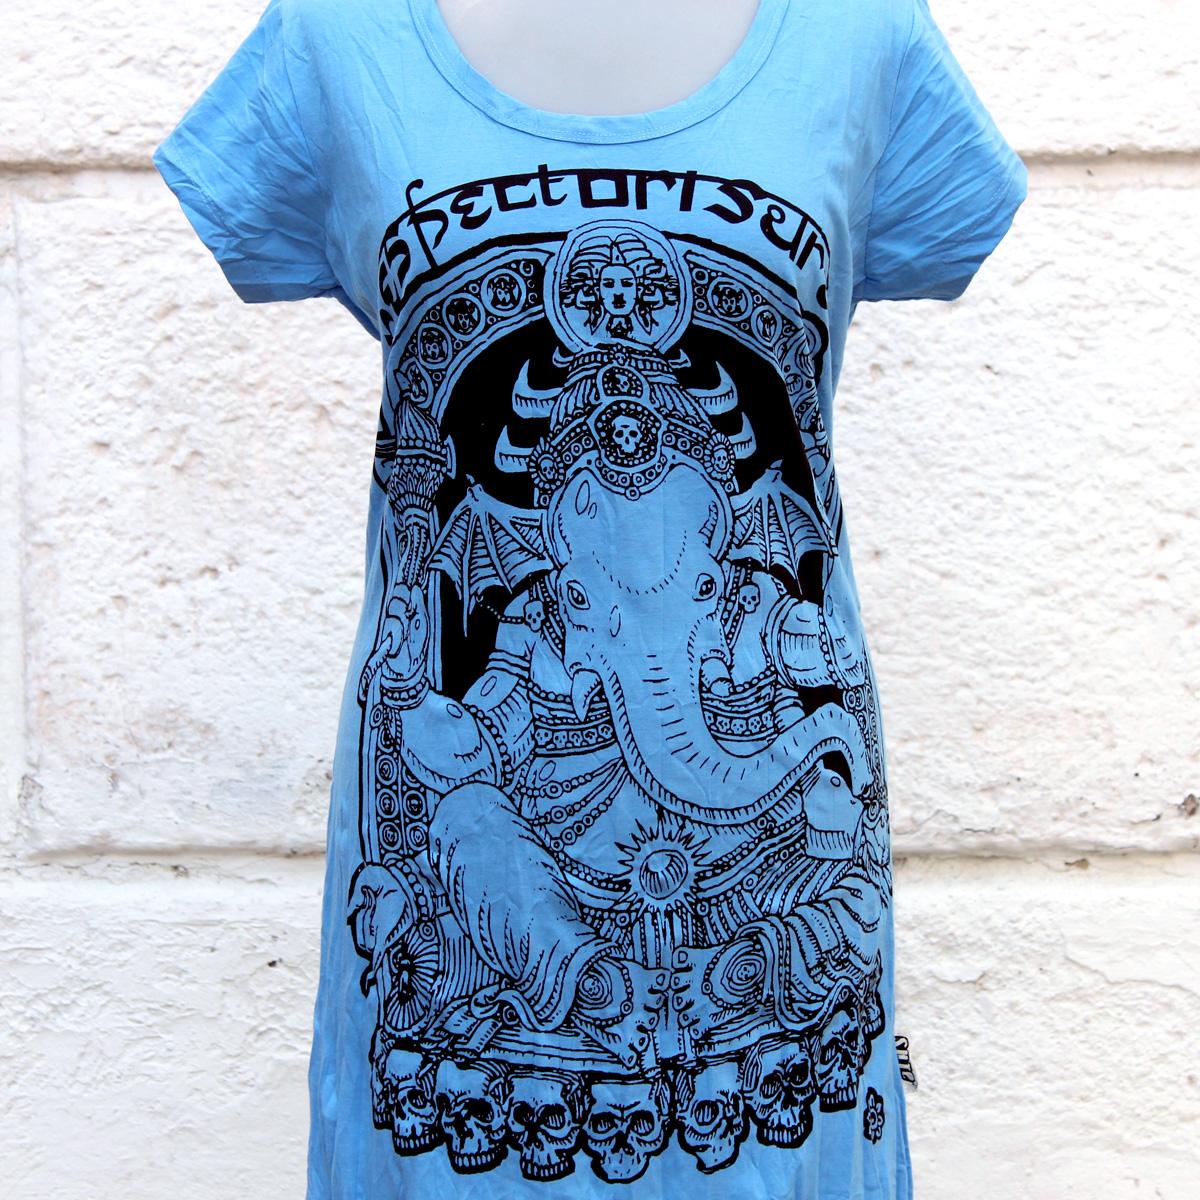 Футболка - платье, индийские божества, индийская культовая символика